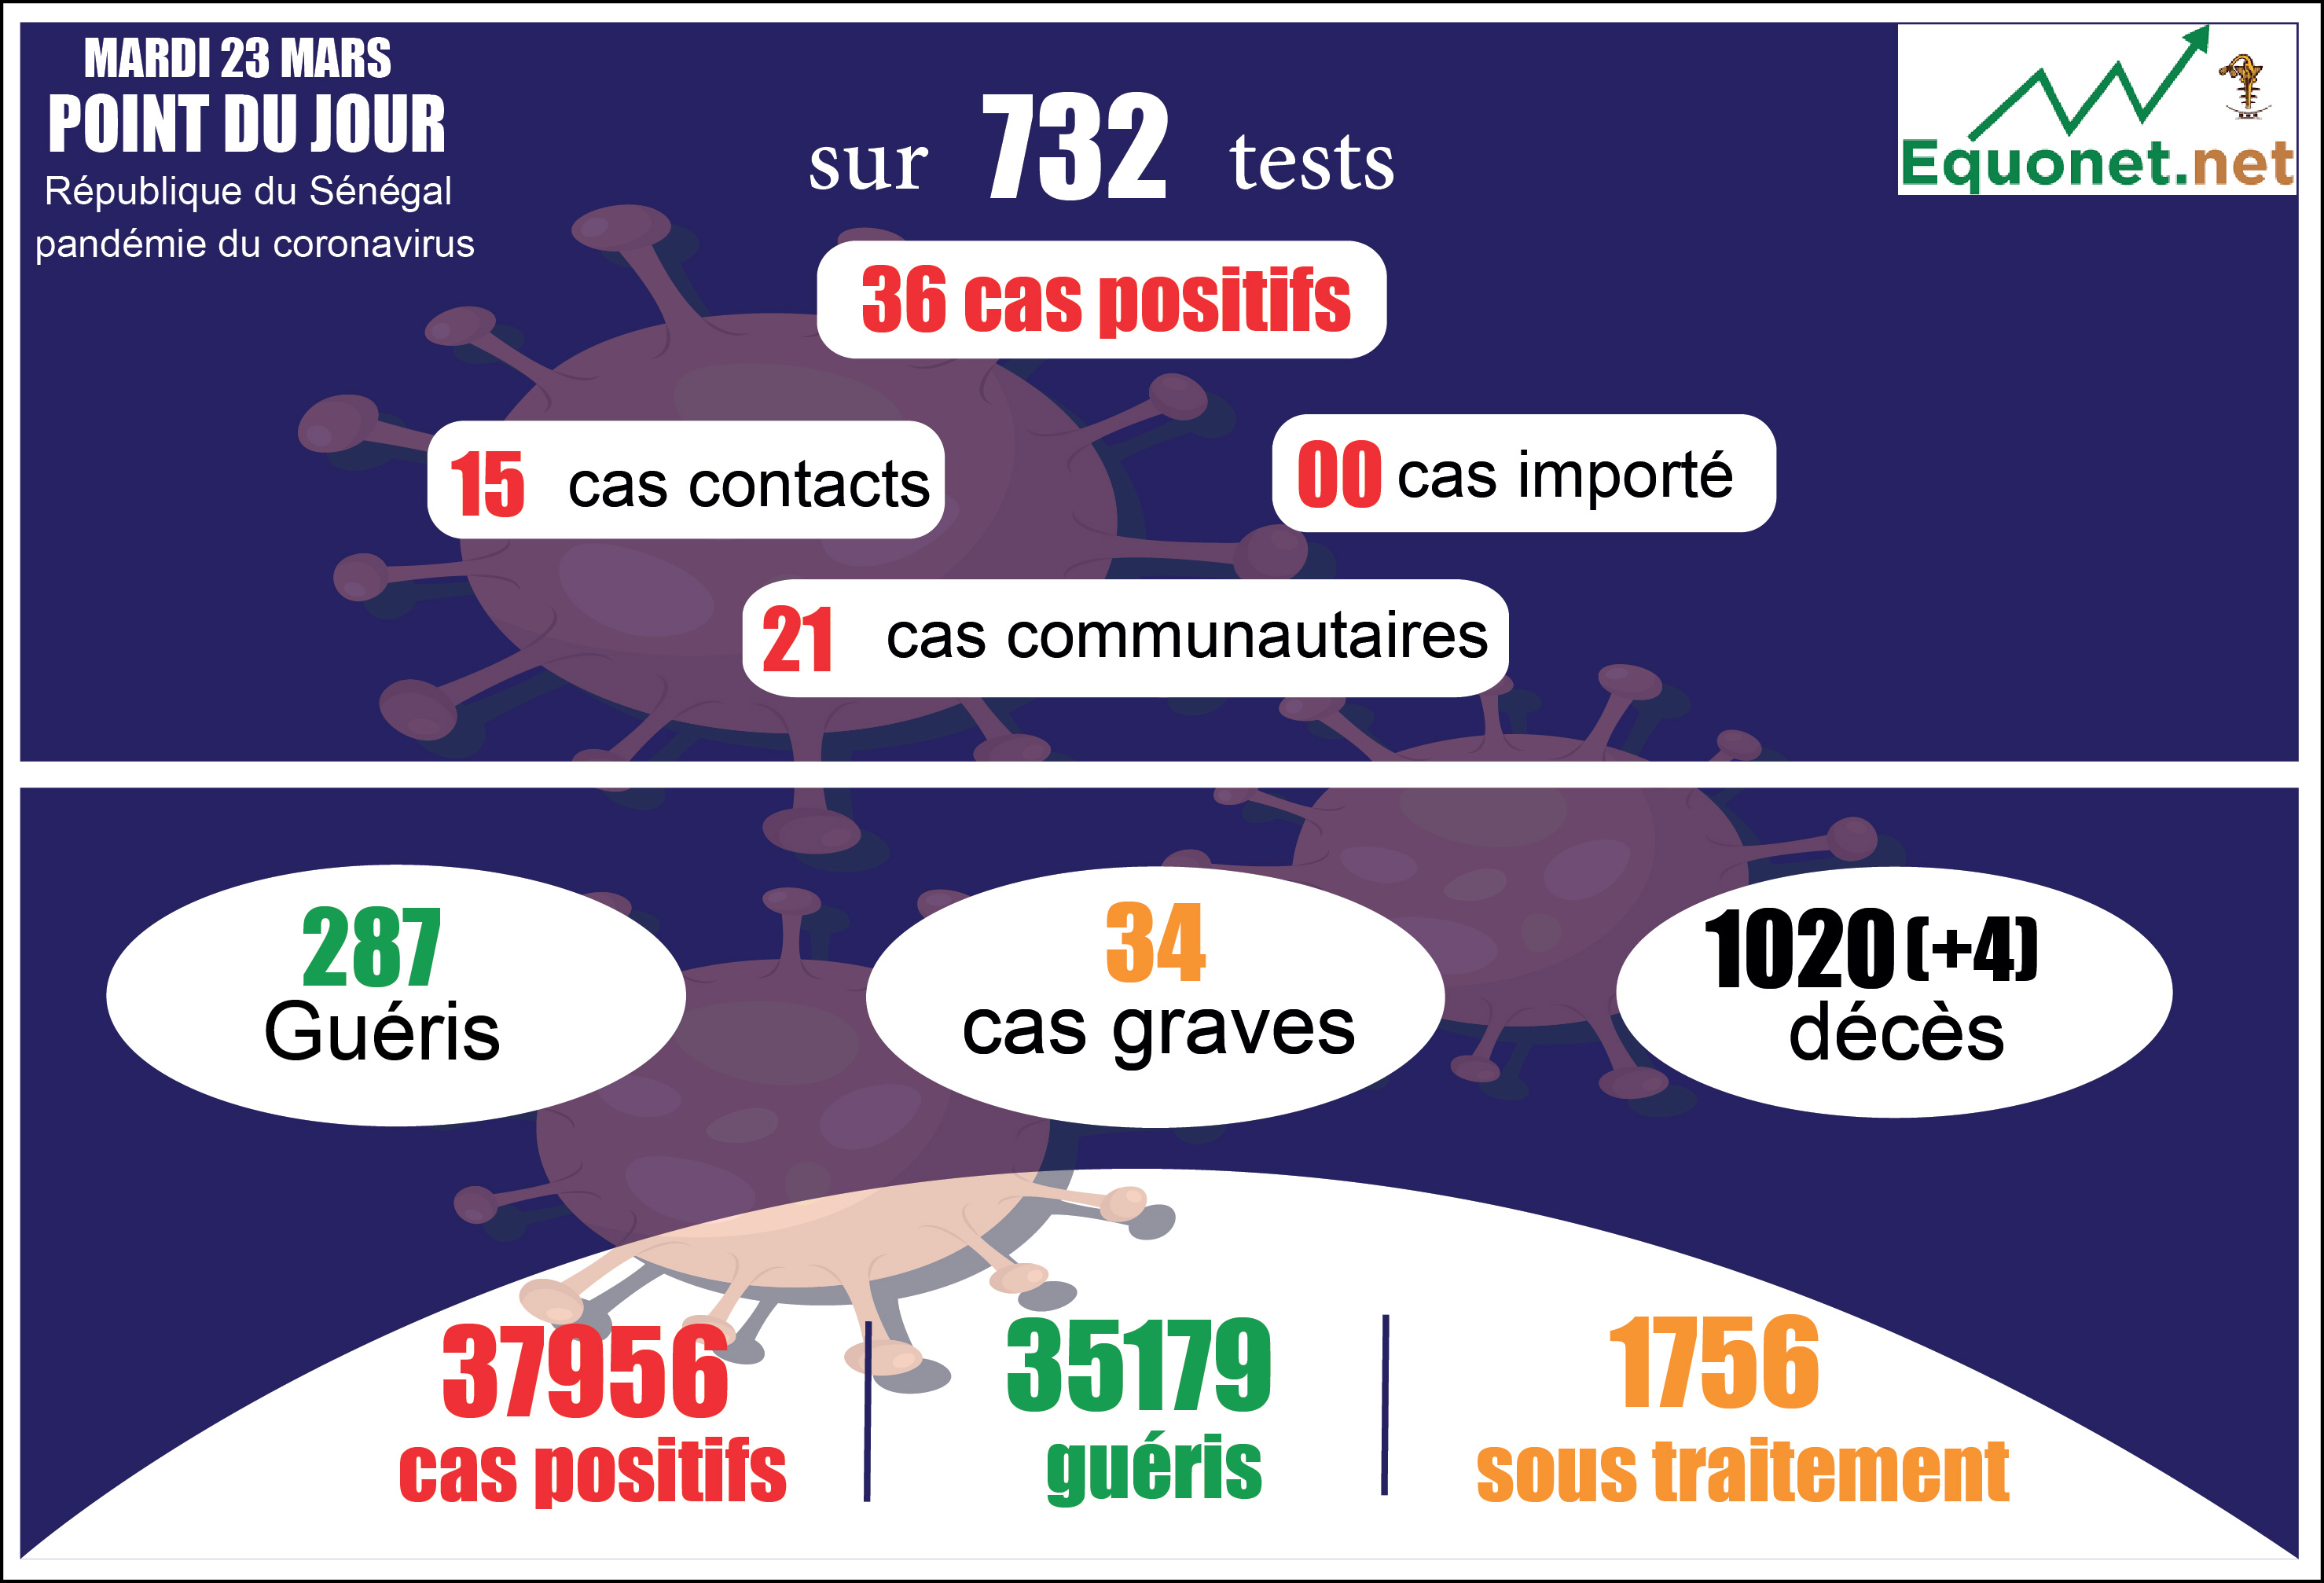 pandémie du coronavirus-covid-19 au sénégal : 21 cas communautaires et 04 décès enregistrés ce mardi 23 mars 2021